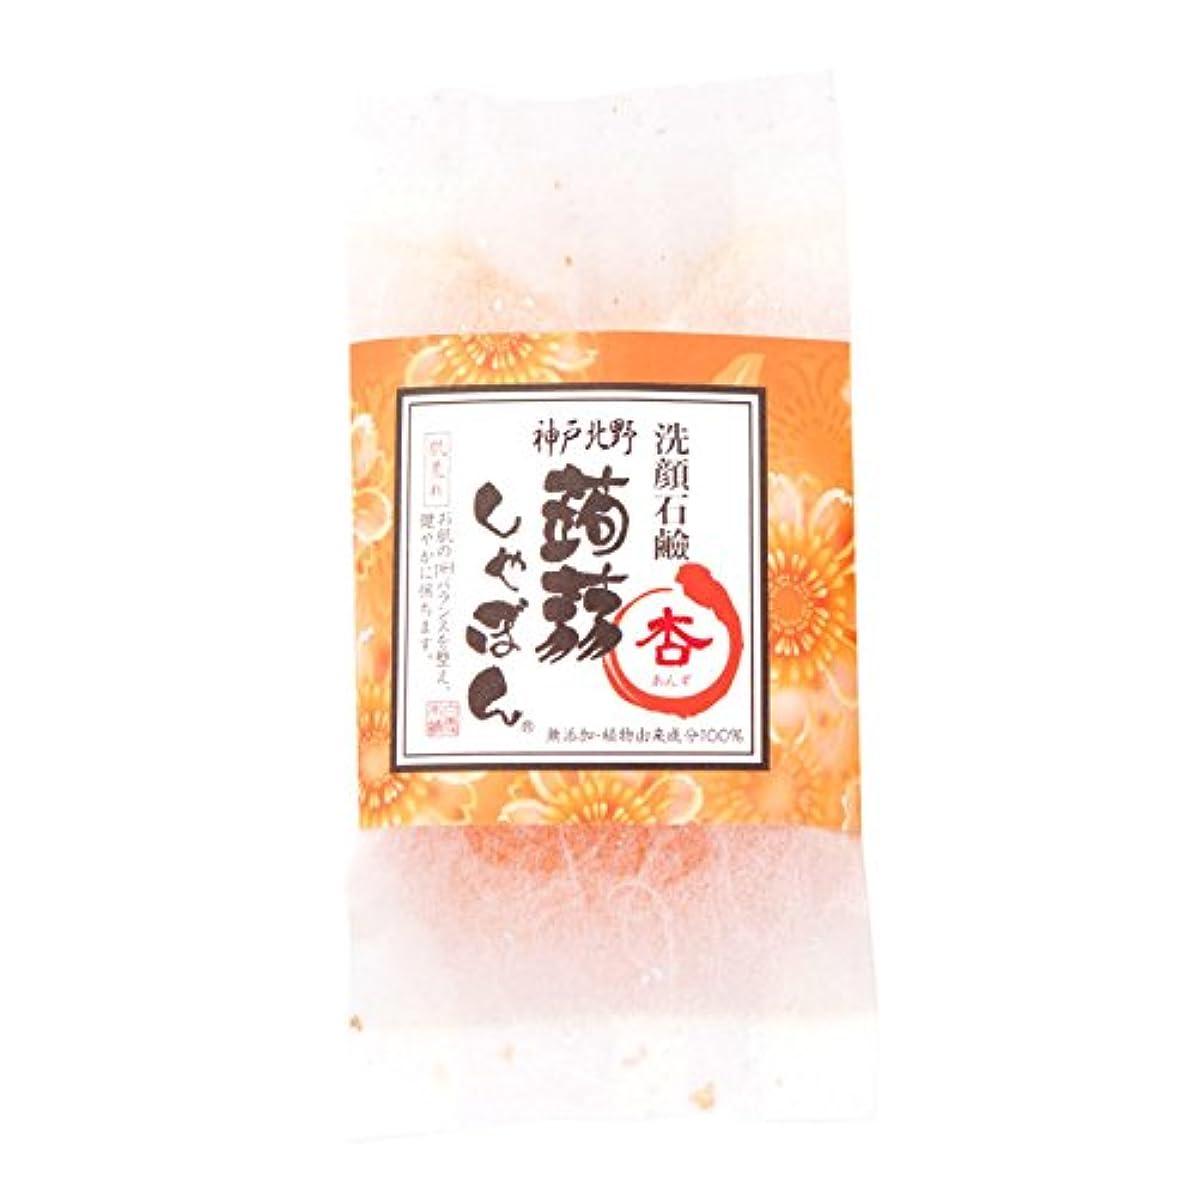 ネストタール塩神戸蒟蒻しゃぼん神戸 杏(あんず)